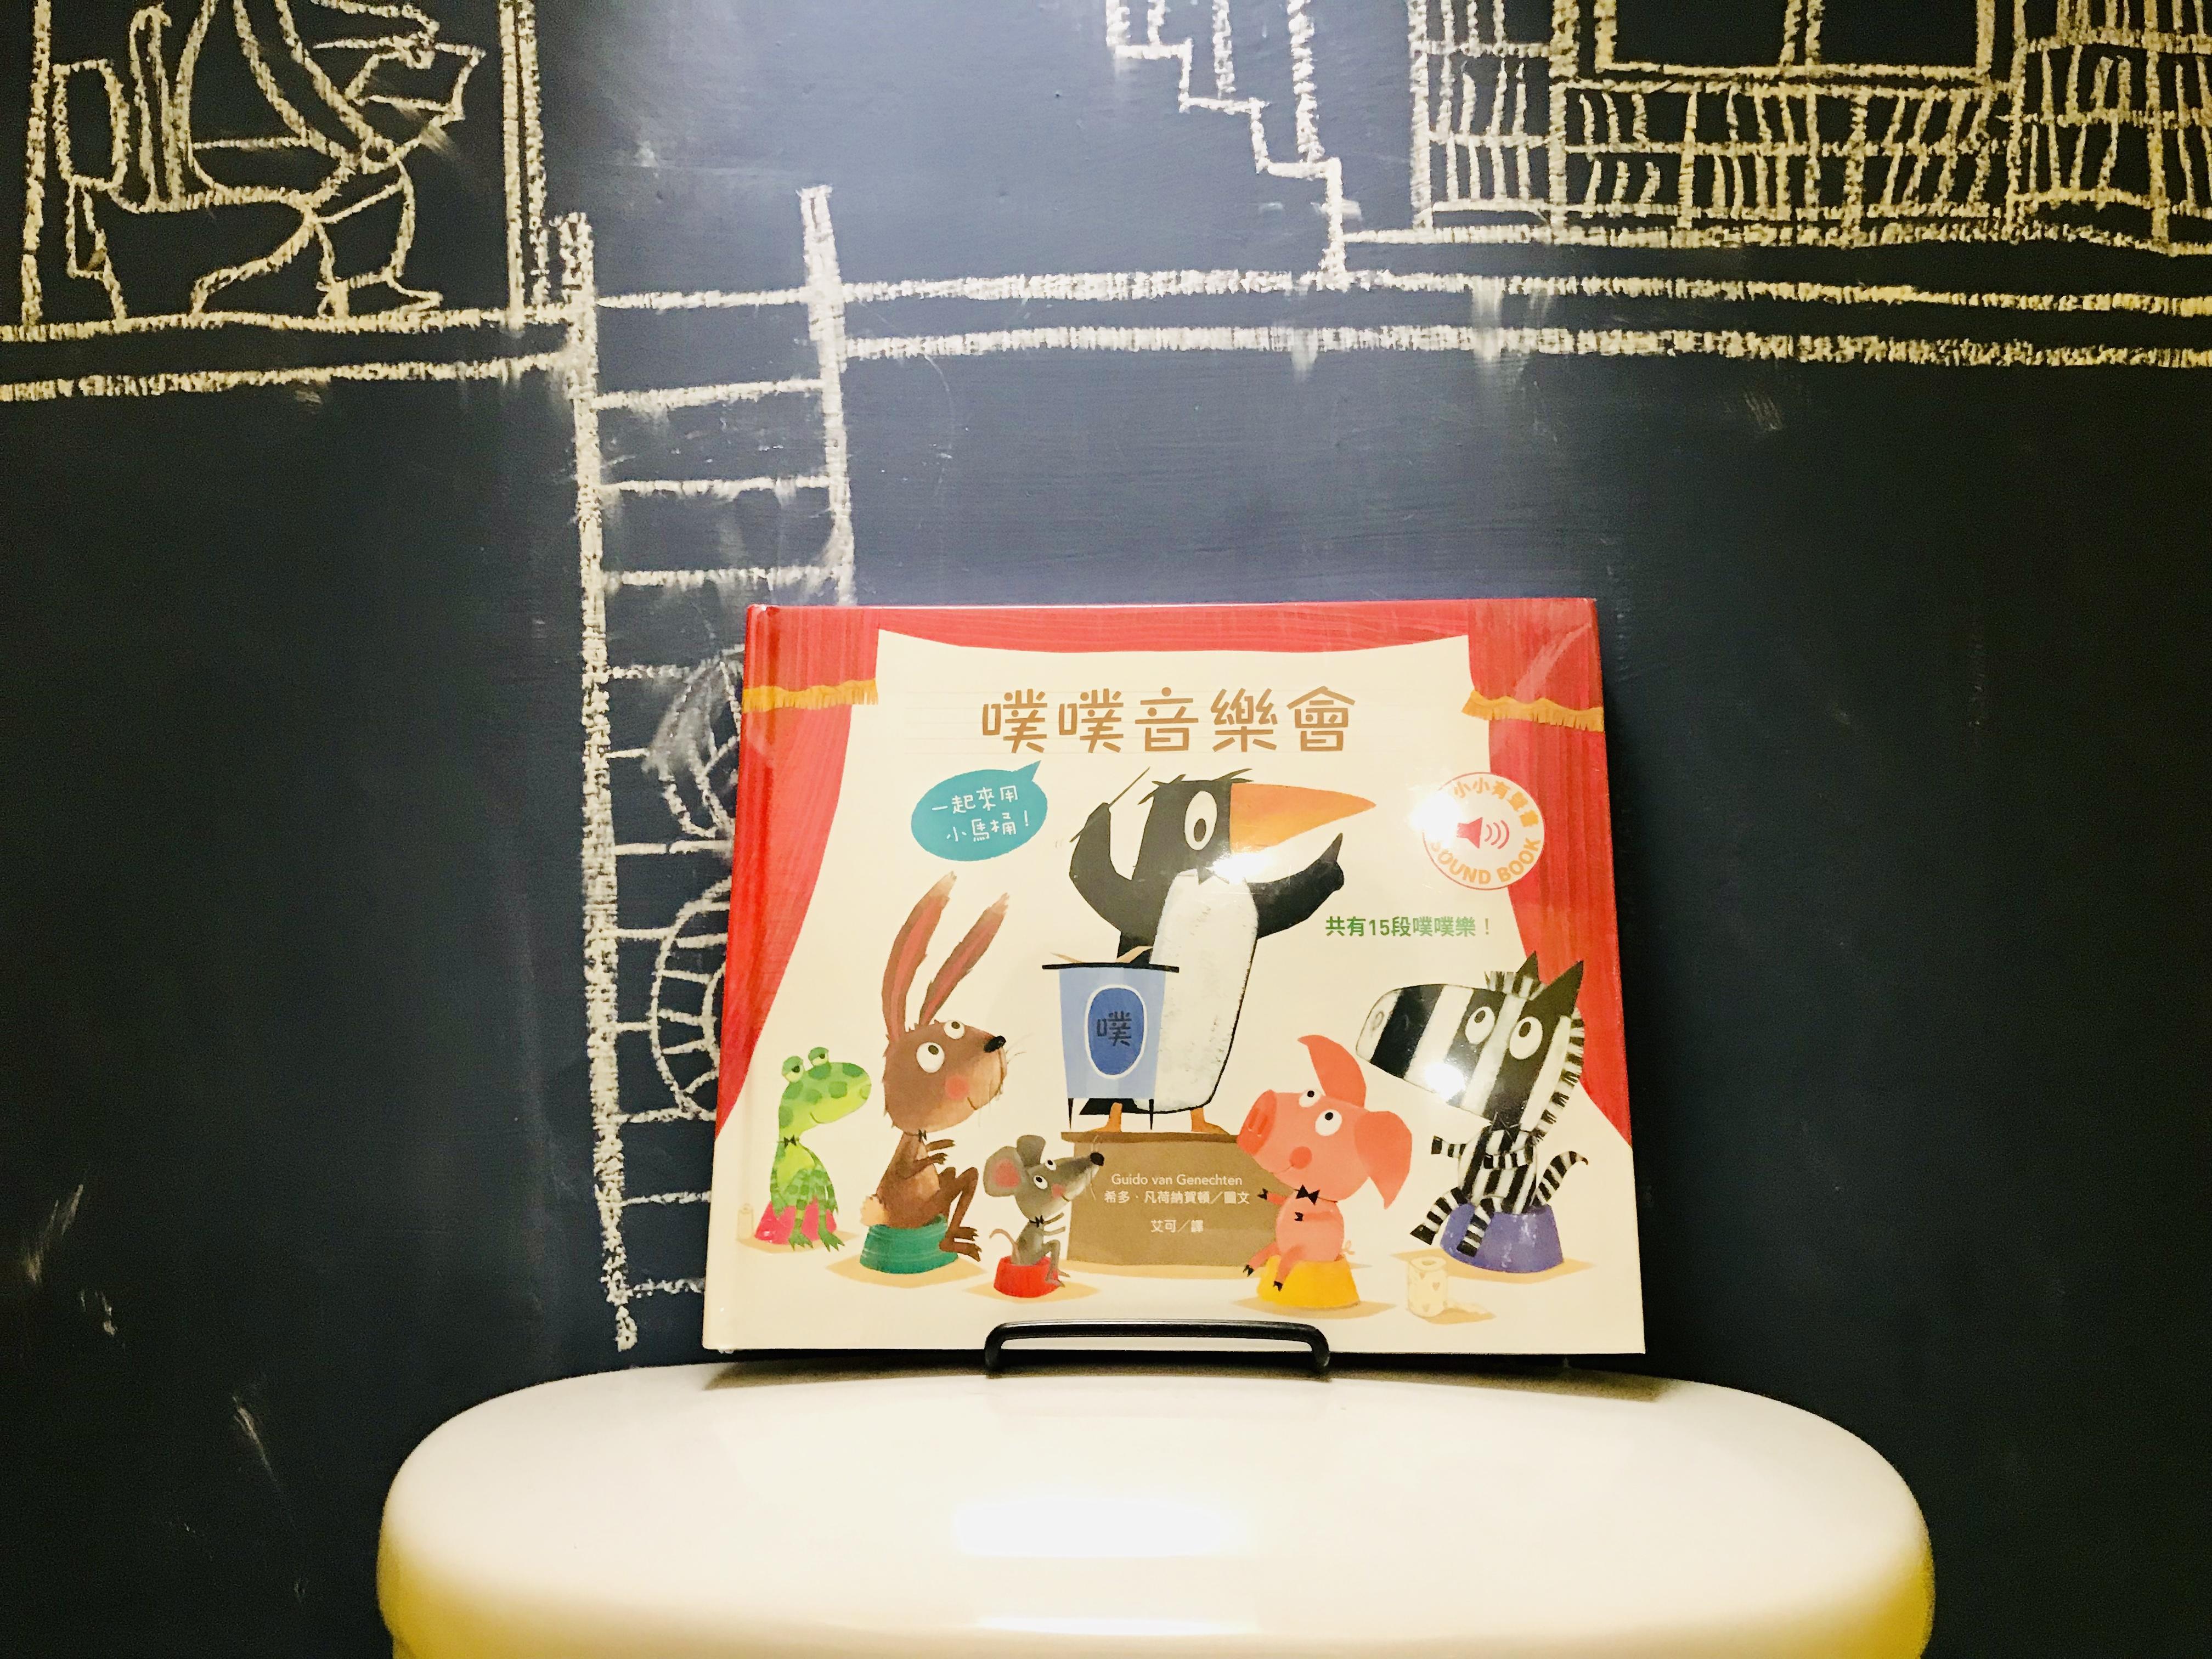 專屬孩子的小天地~南崁兒童藝術村|文青咖啡館與書店,假日手作市集與講堂 @魚兒 x 牽手明太子的「視」界旅行